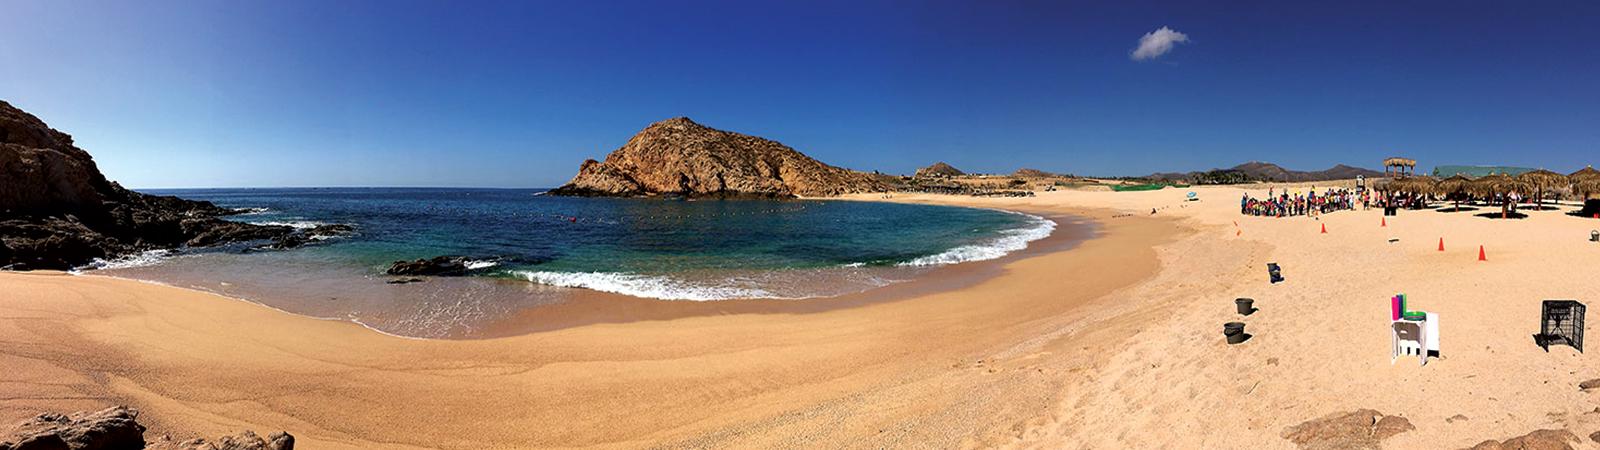 Playa Santa Maria playa de los cabos